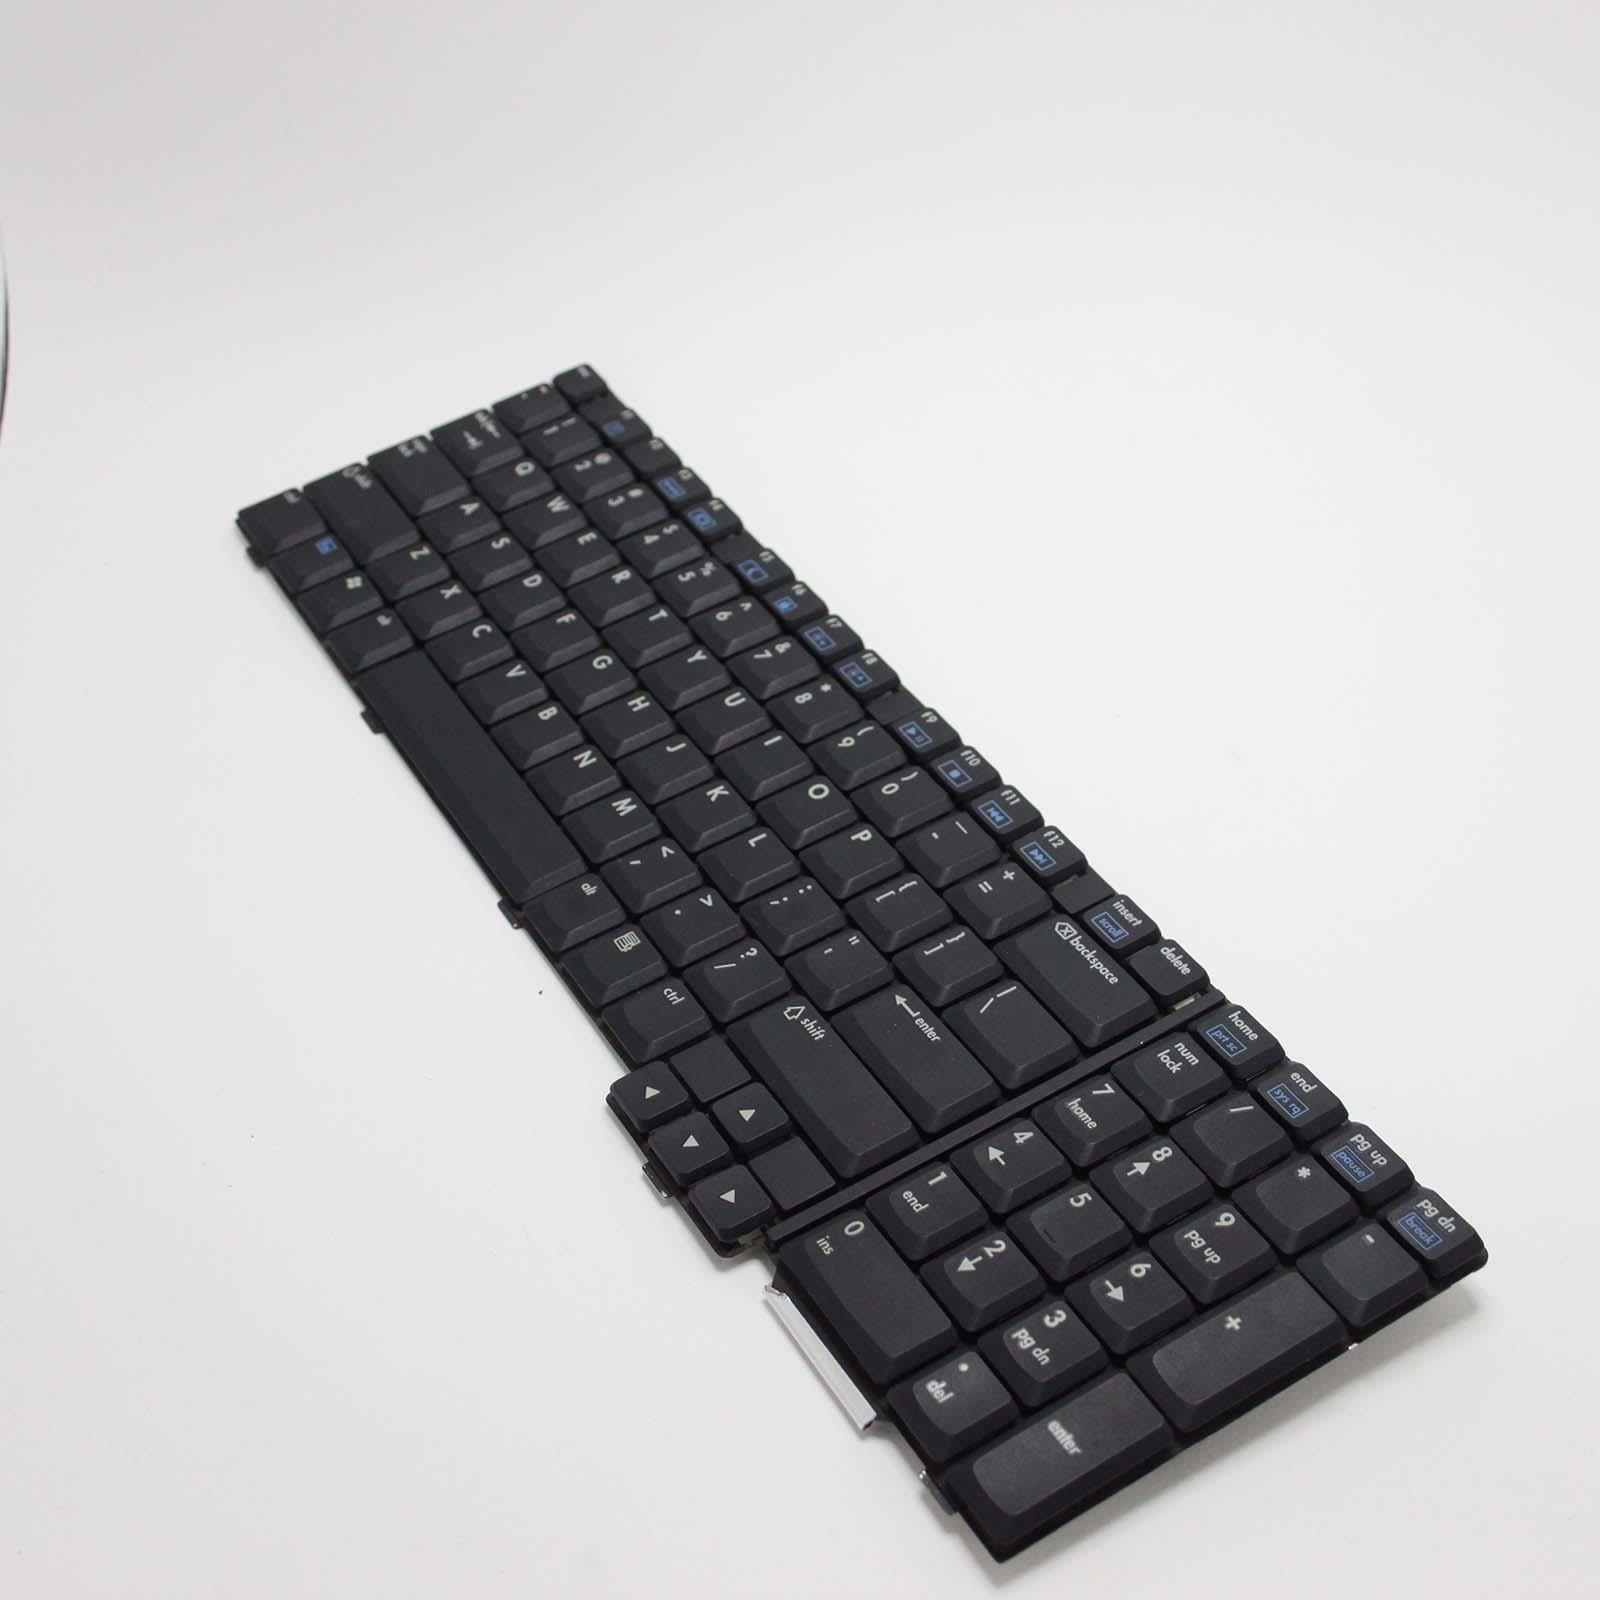 Tastiera HP Pavilion ZD7000 AENT1TPU017 344898-001 Keyboard